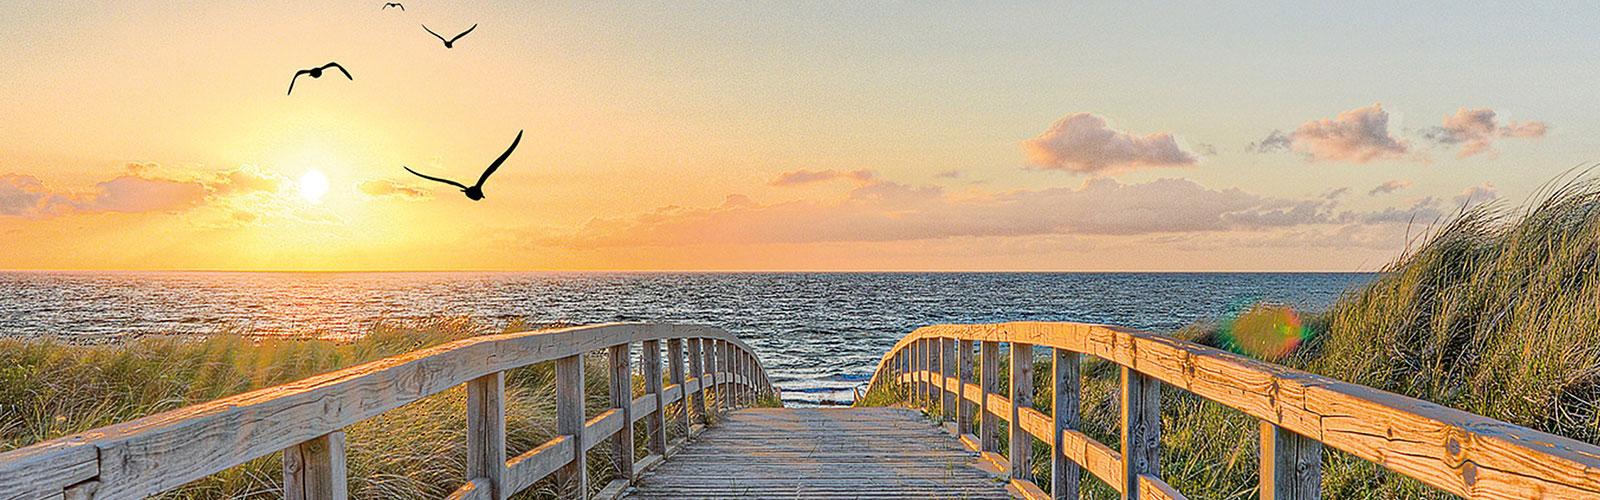 Immobilien an der Ostsee